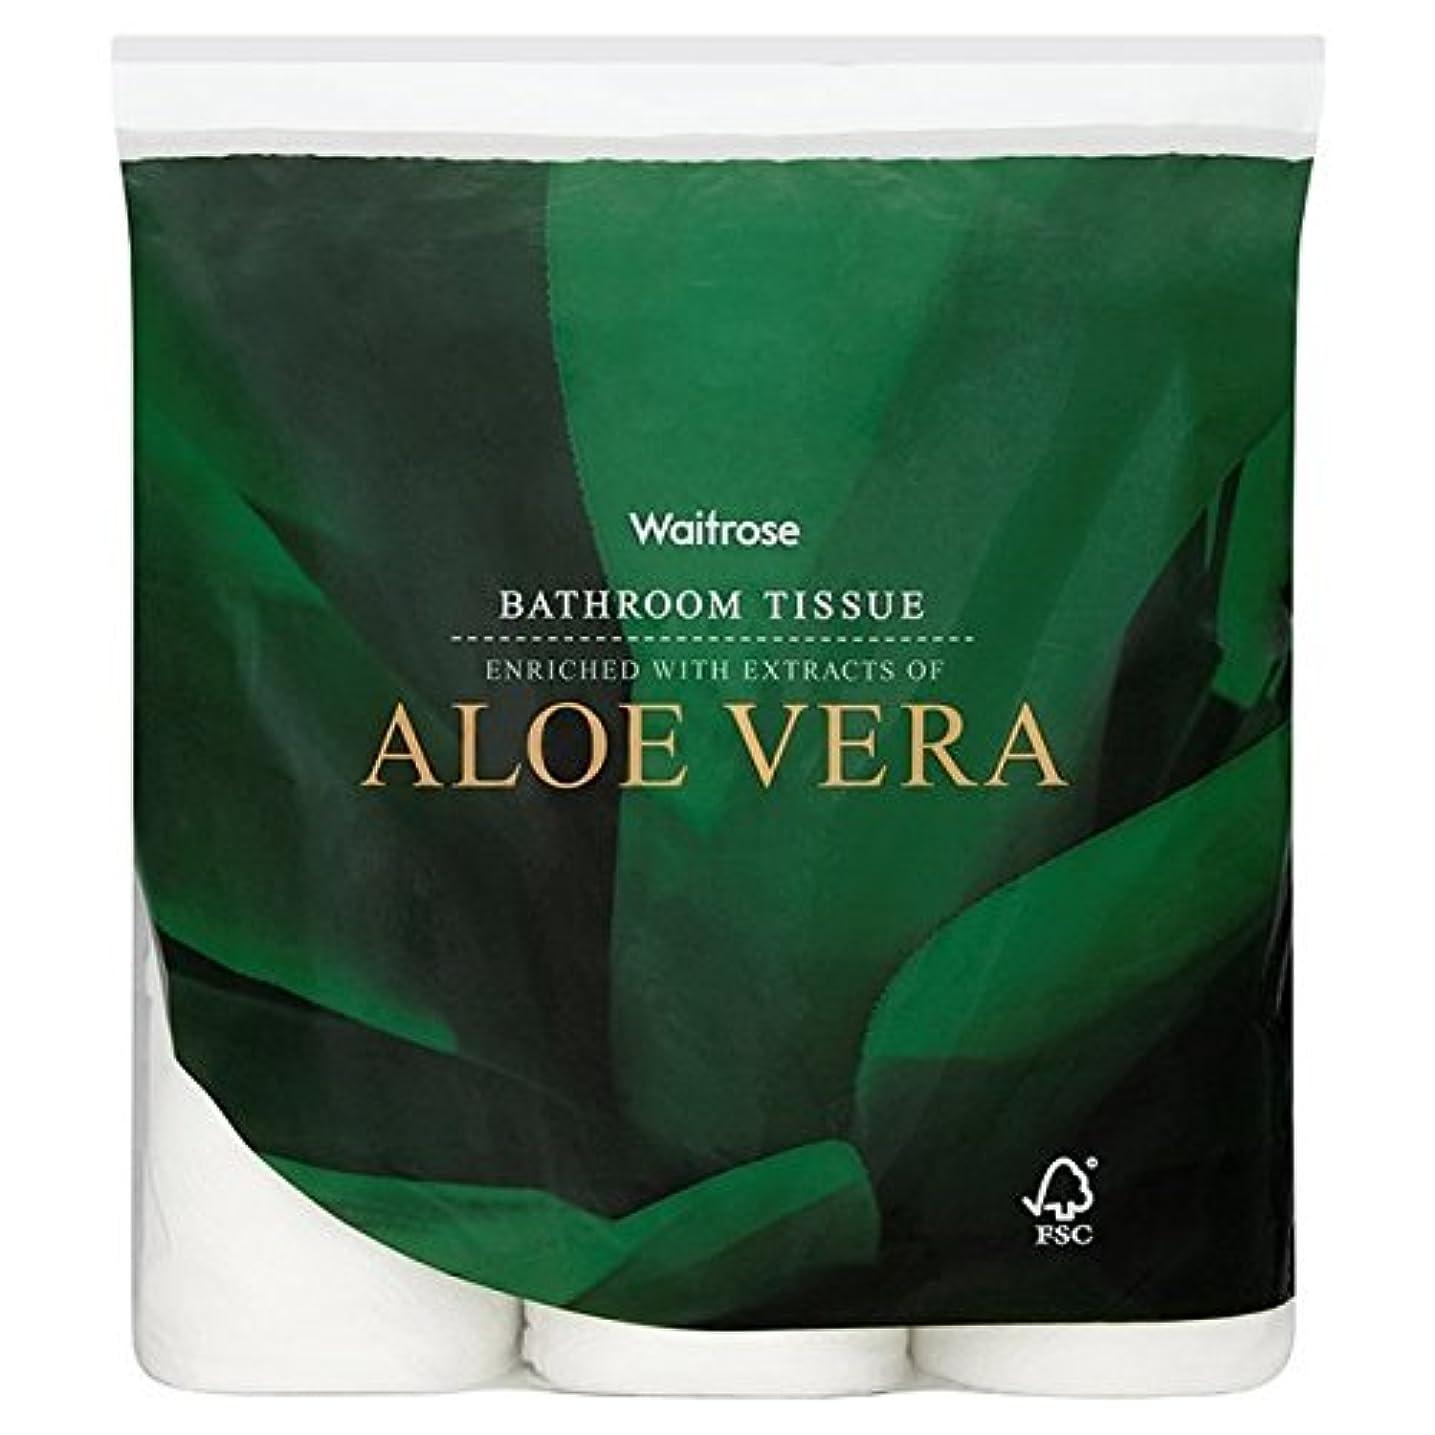 初期の決済深くAloe Vera Bathroom Tissue White Waitrose 9 per pack - パックあたりアロエベラ浴室組織白ウェイトローズ9 [並行輸入品]